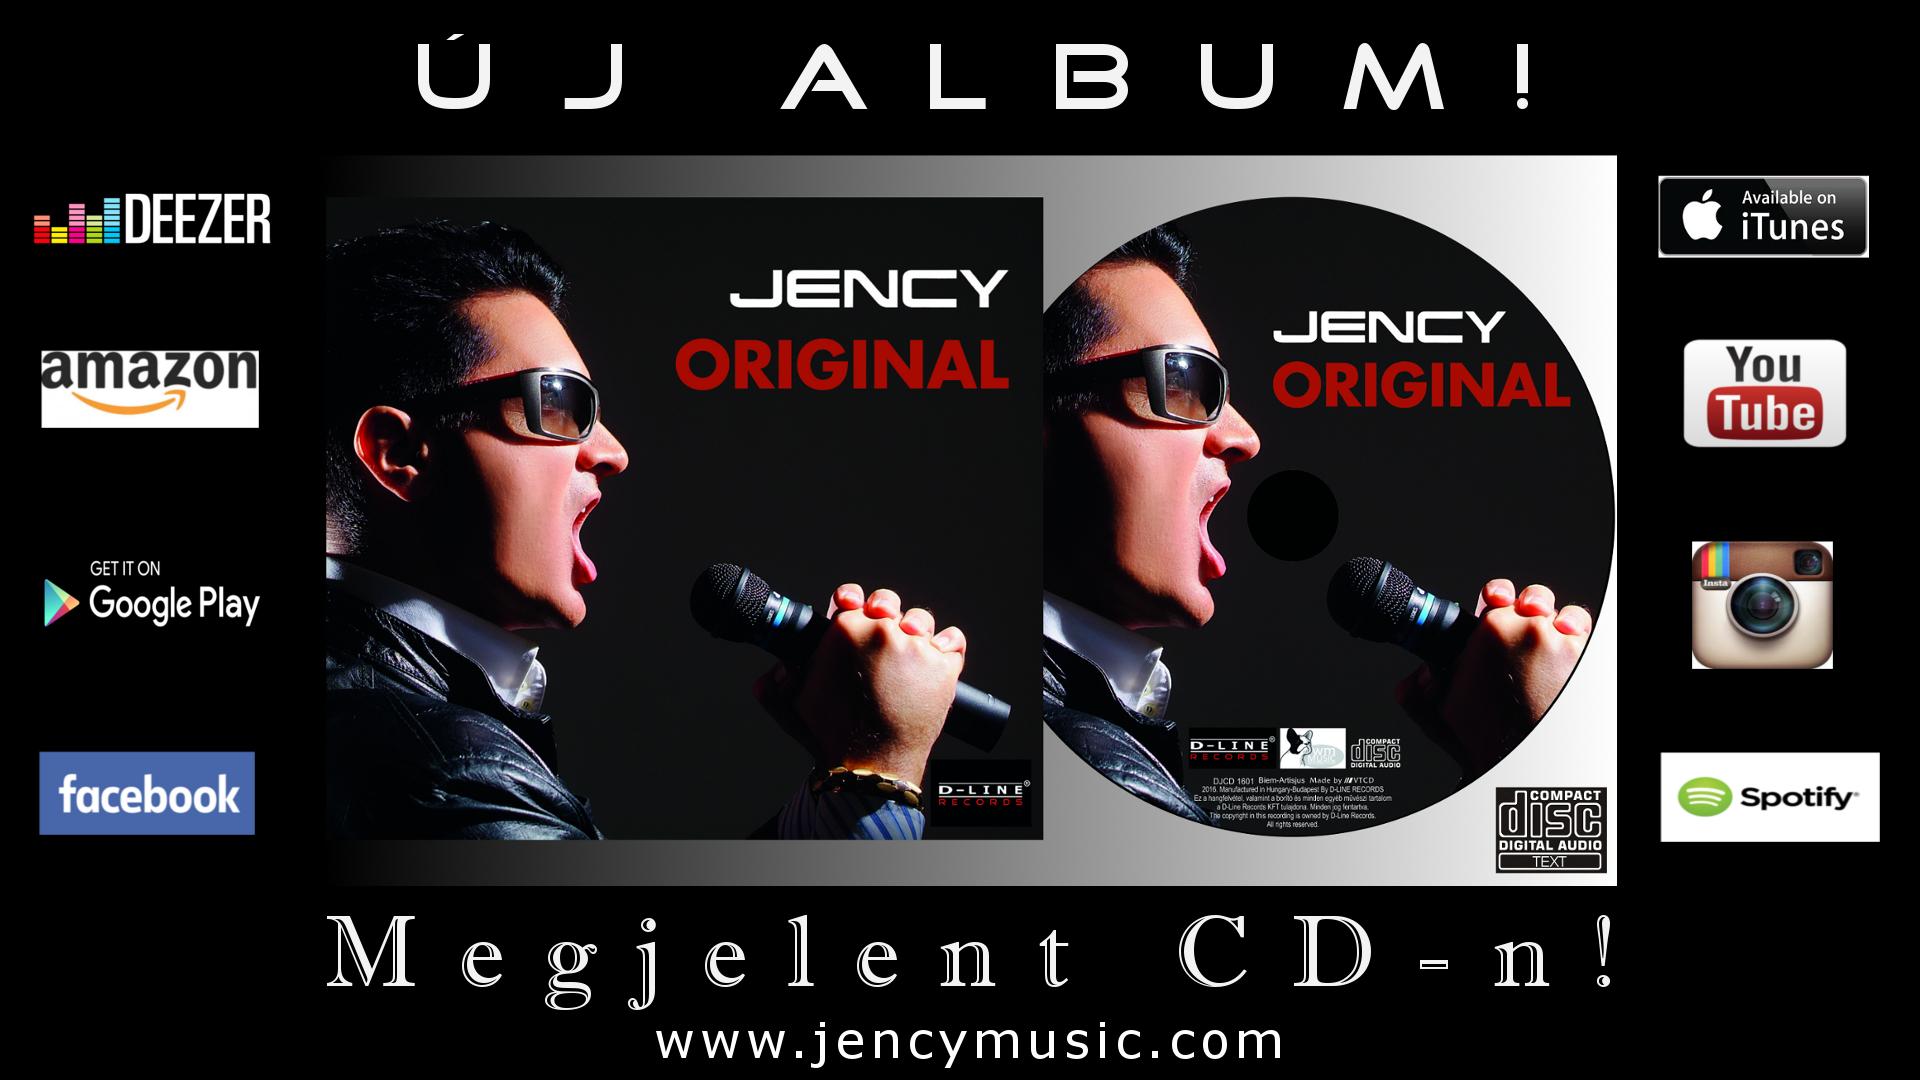 új album+logok magyar